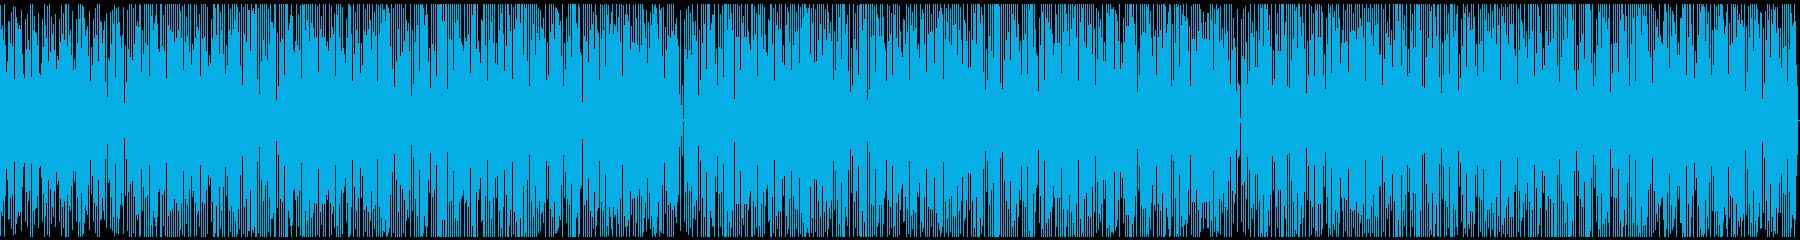 【のんきな雰囲気・動画用】かわいいBGMの再生済みの波形